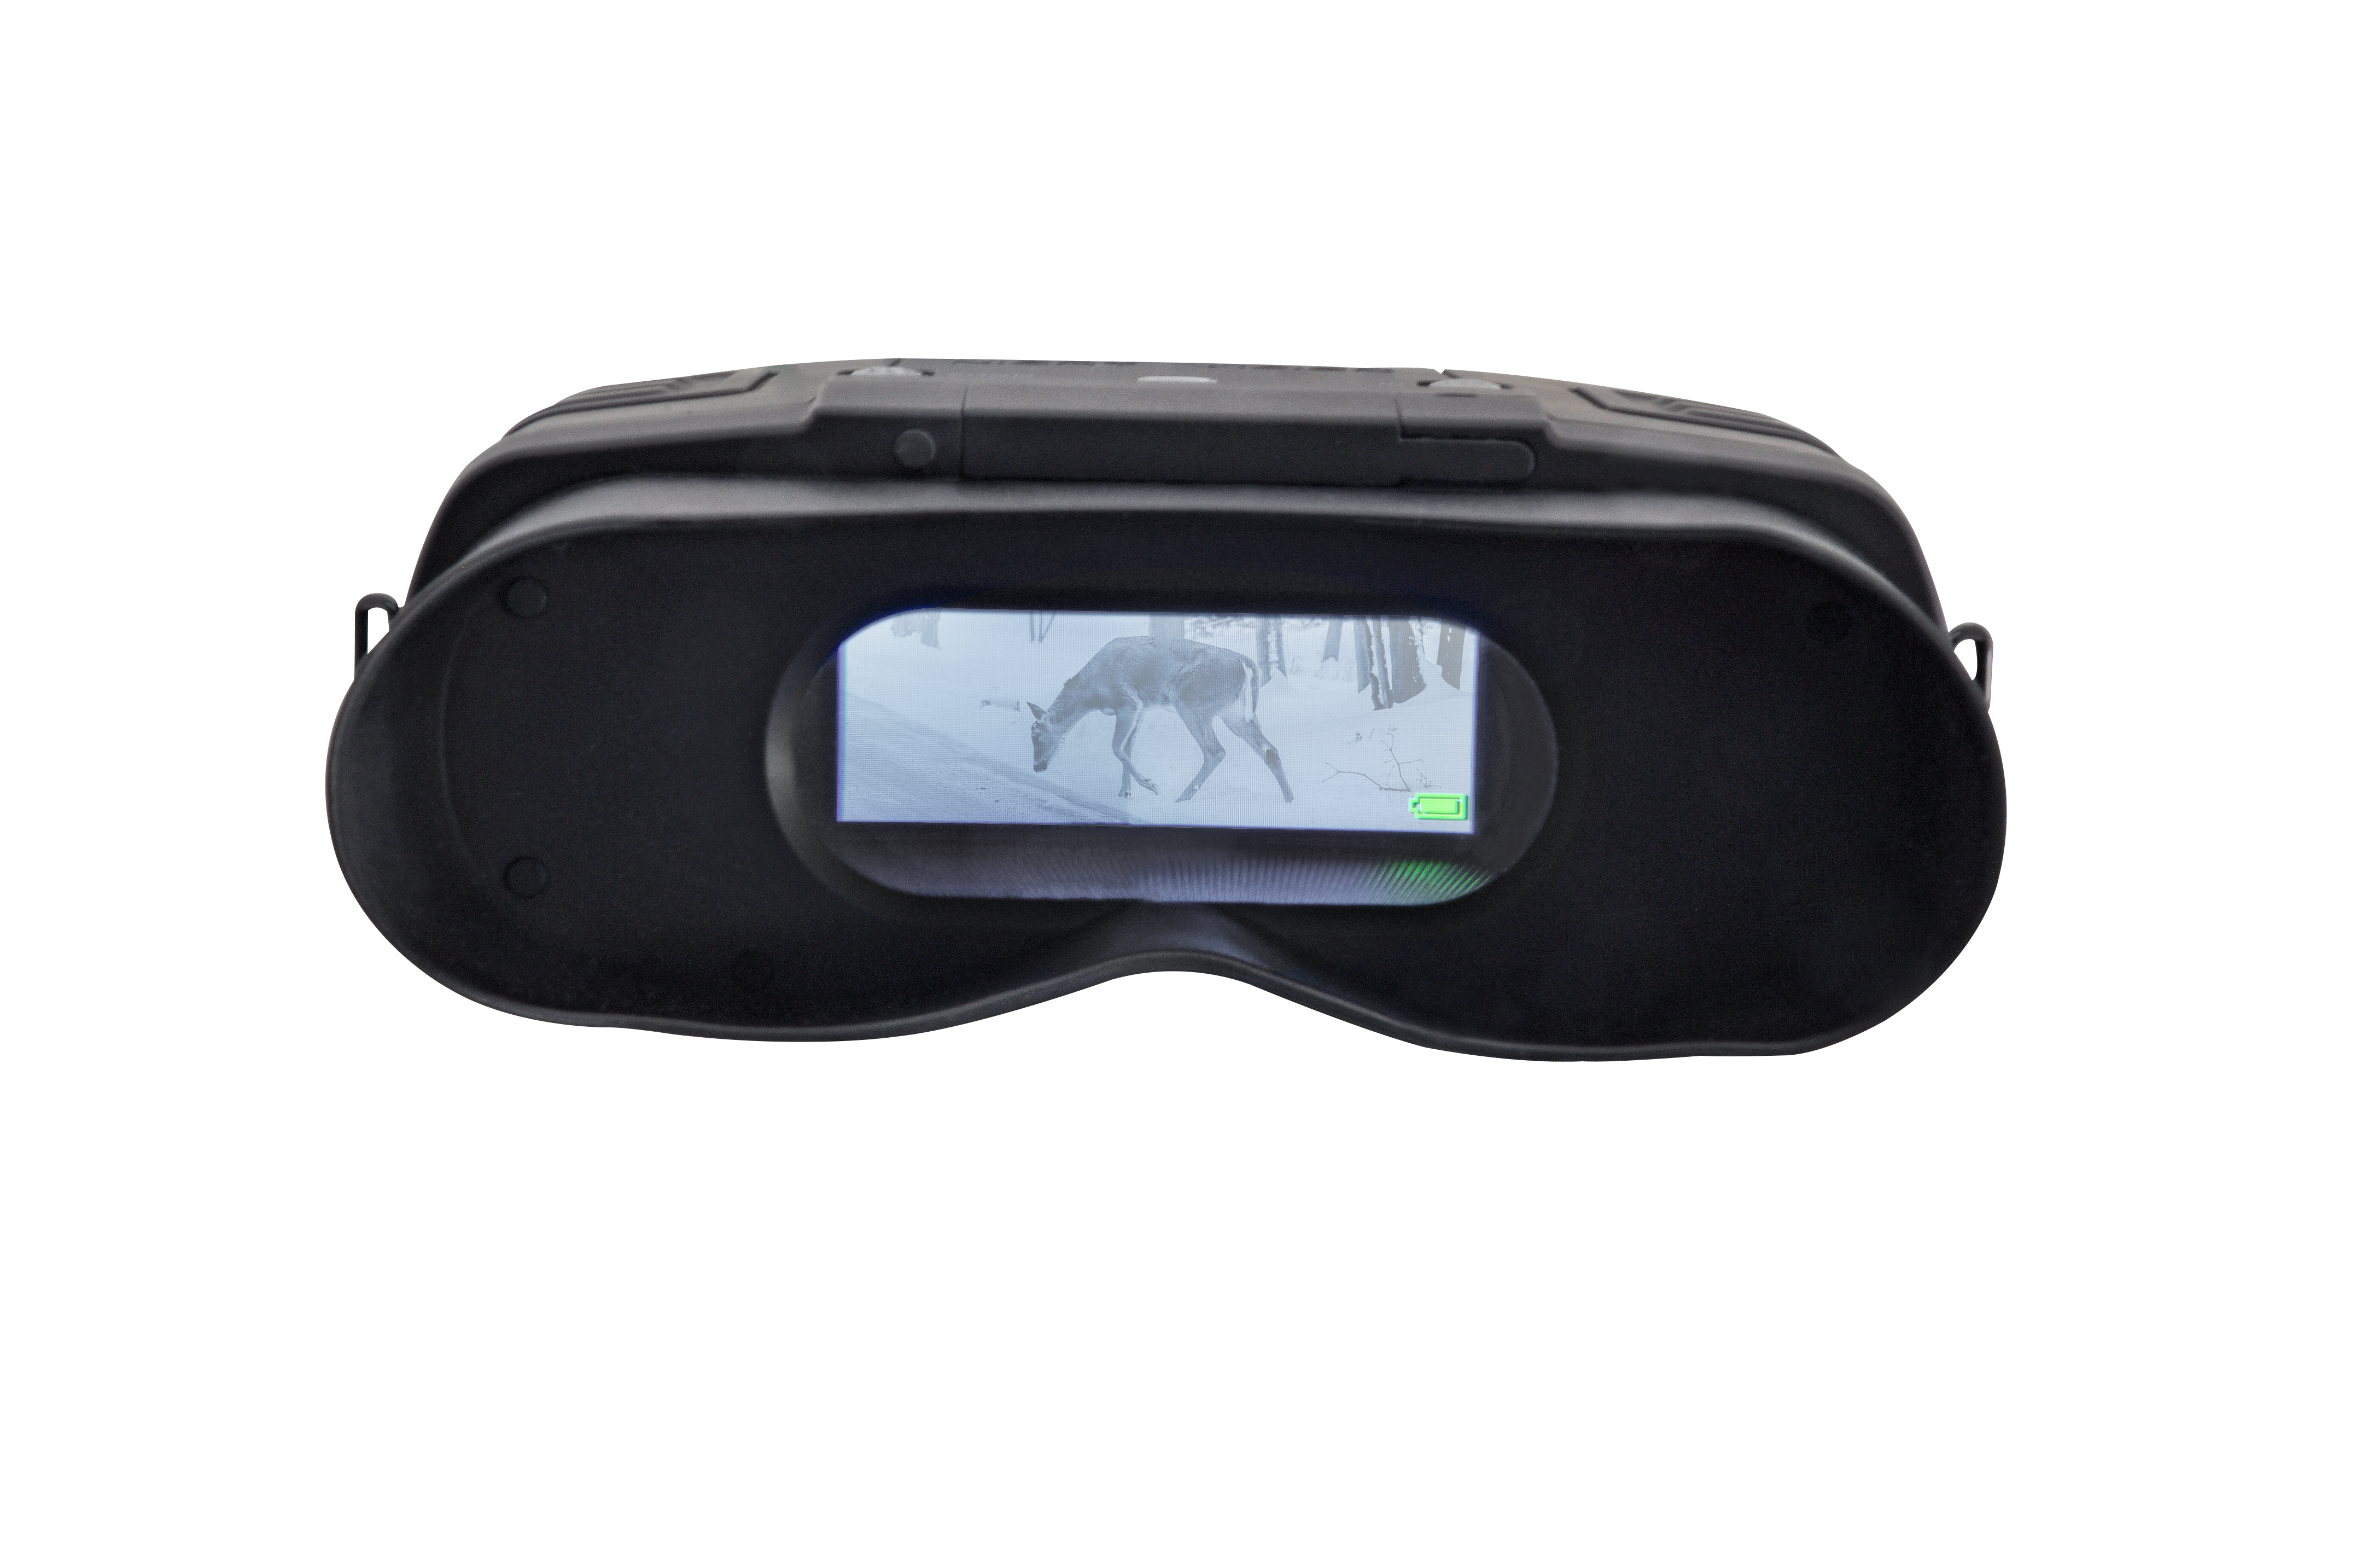 Bresser digitales nachtsichtgerät binokular 3x20 bresser